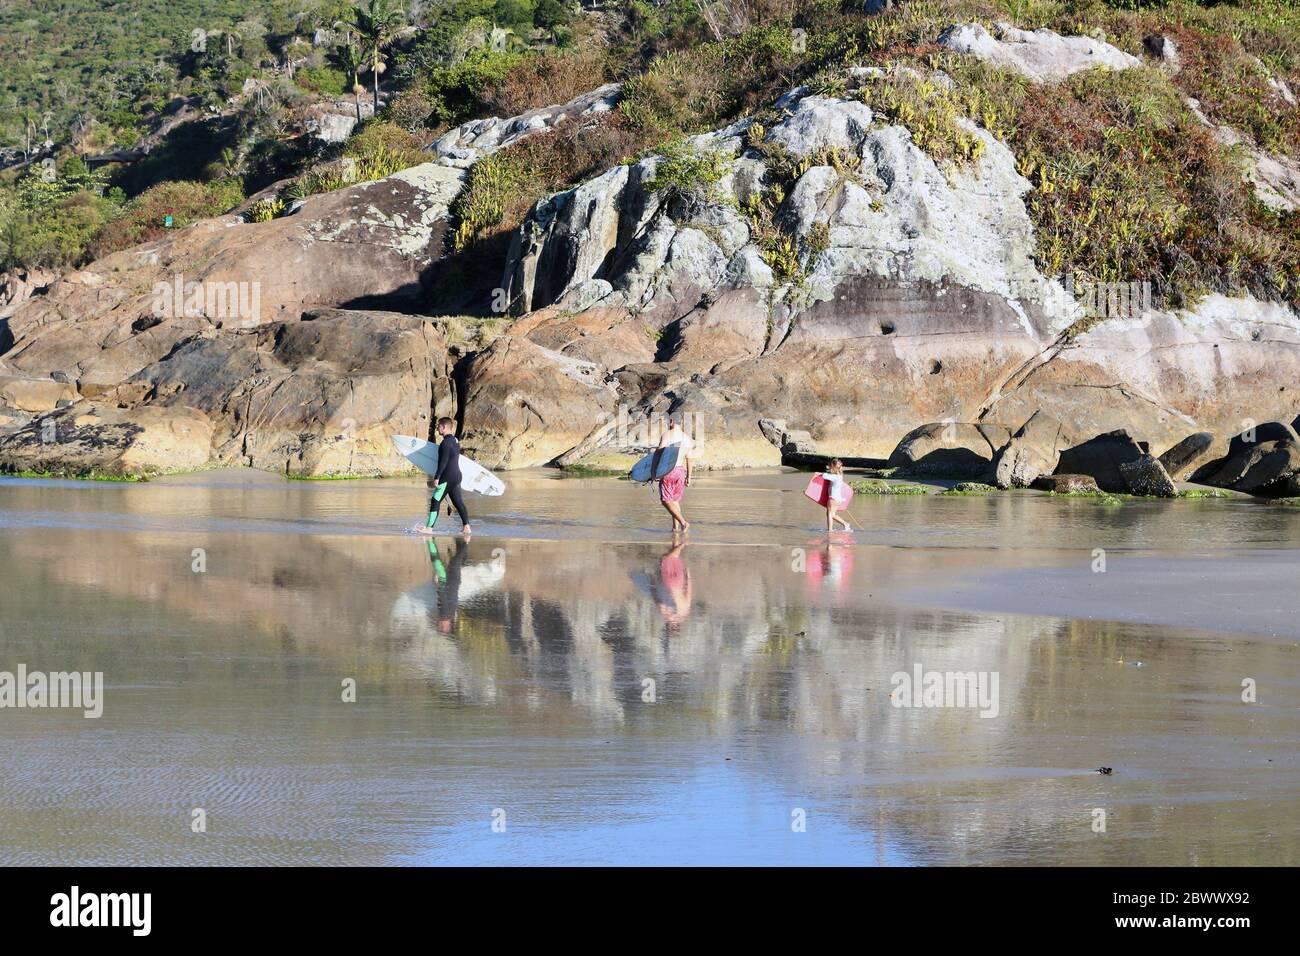 La famiglia va a surfing. Due adulti e un bambino camminano sul mare, di fronte alle rocce, con tavole. Foto Stock